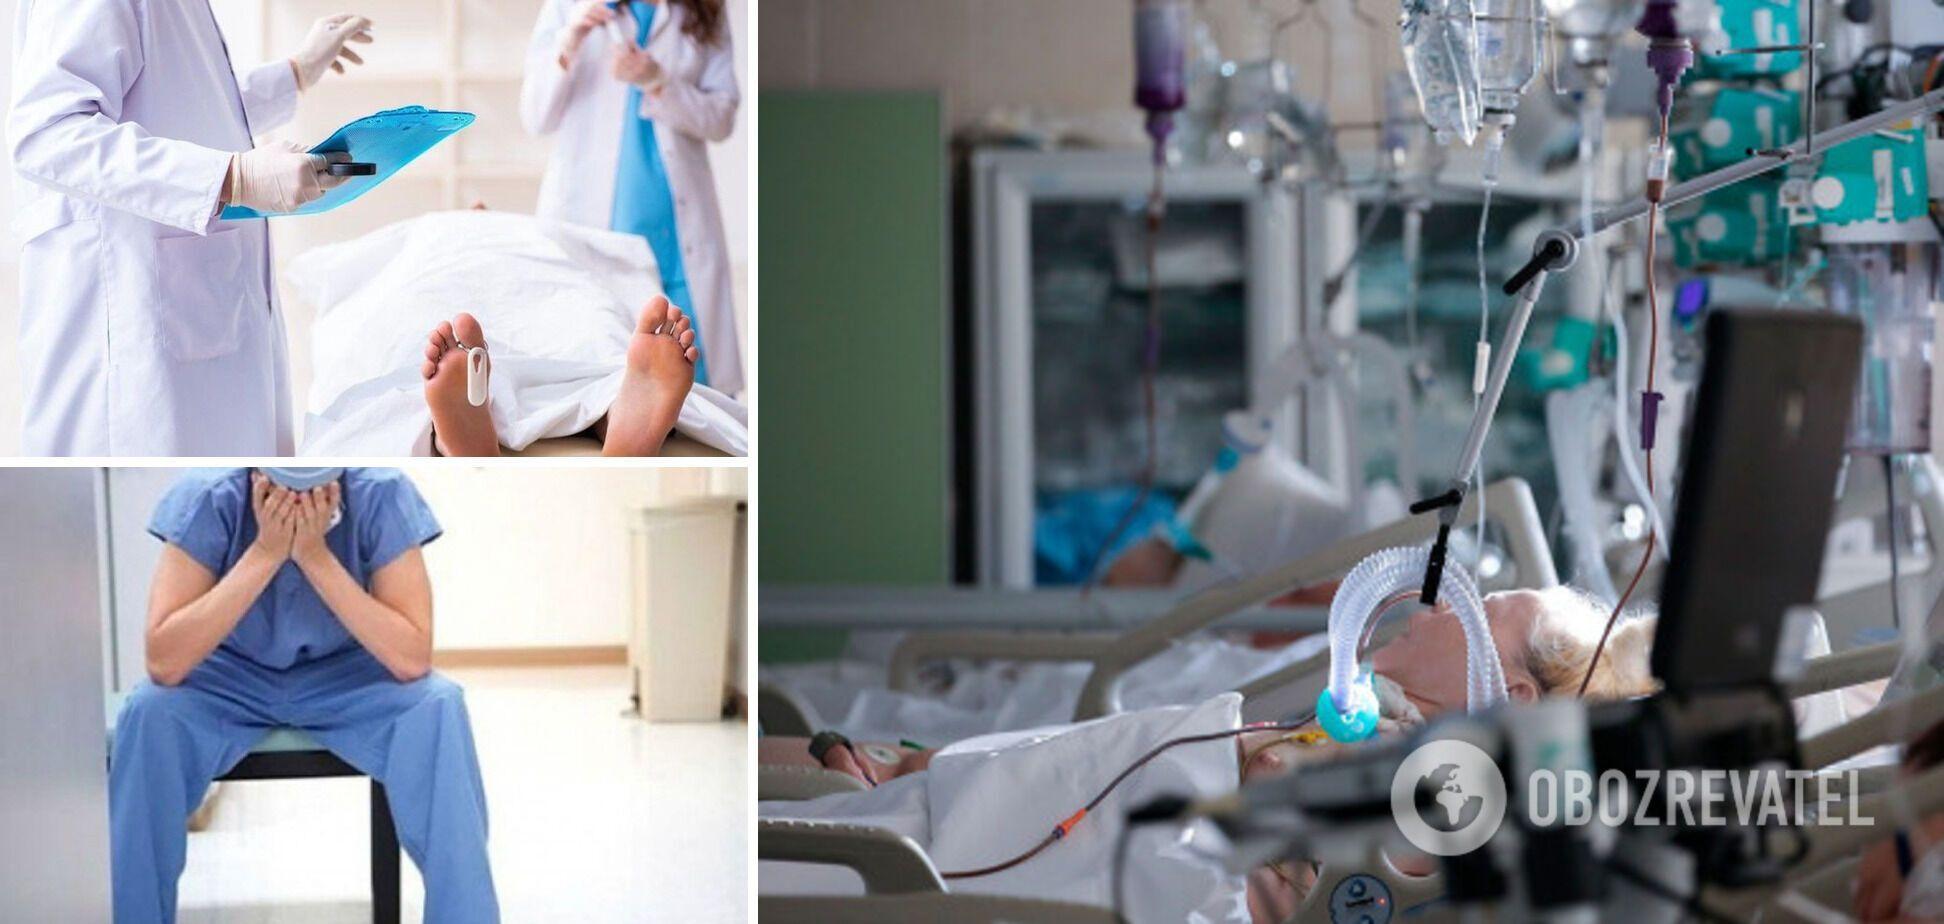 Антивакцинаторам: ви знаєте, як помирає людина від гіпоксії і задухи?